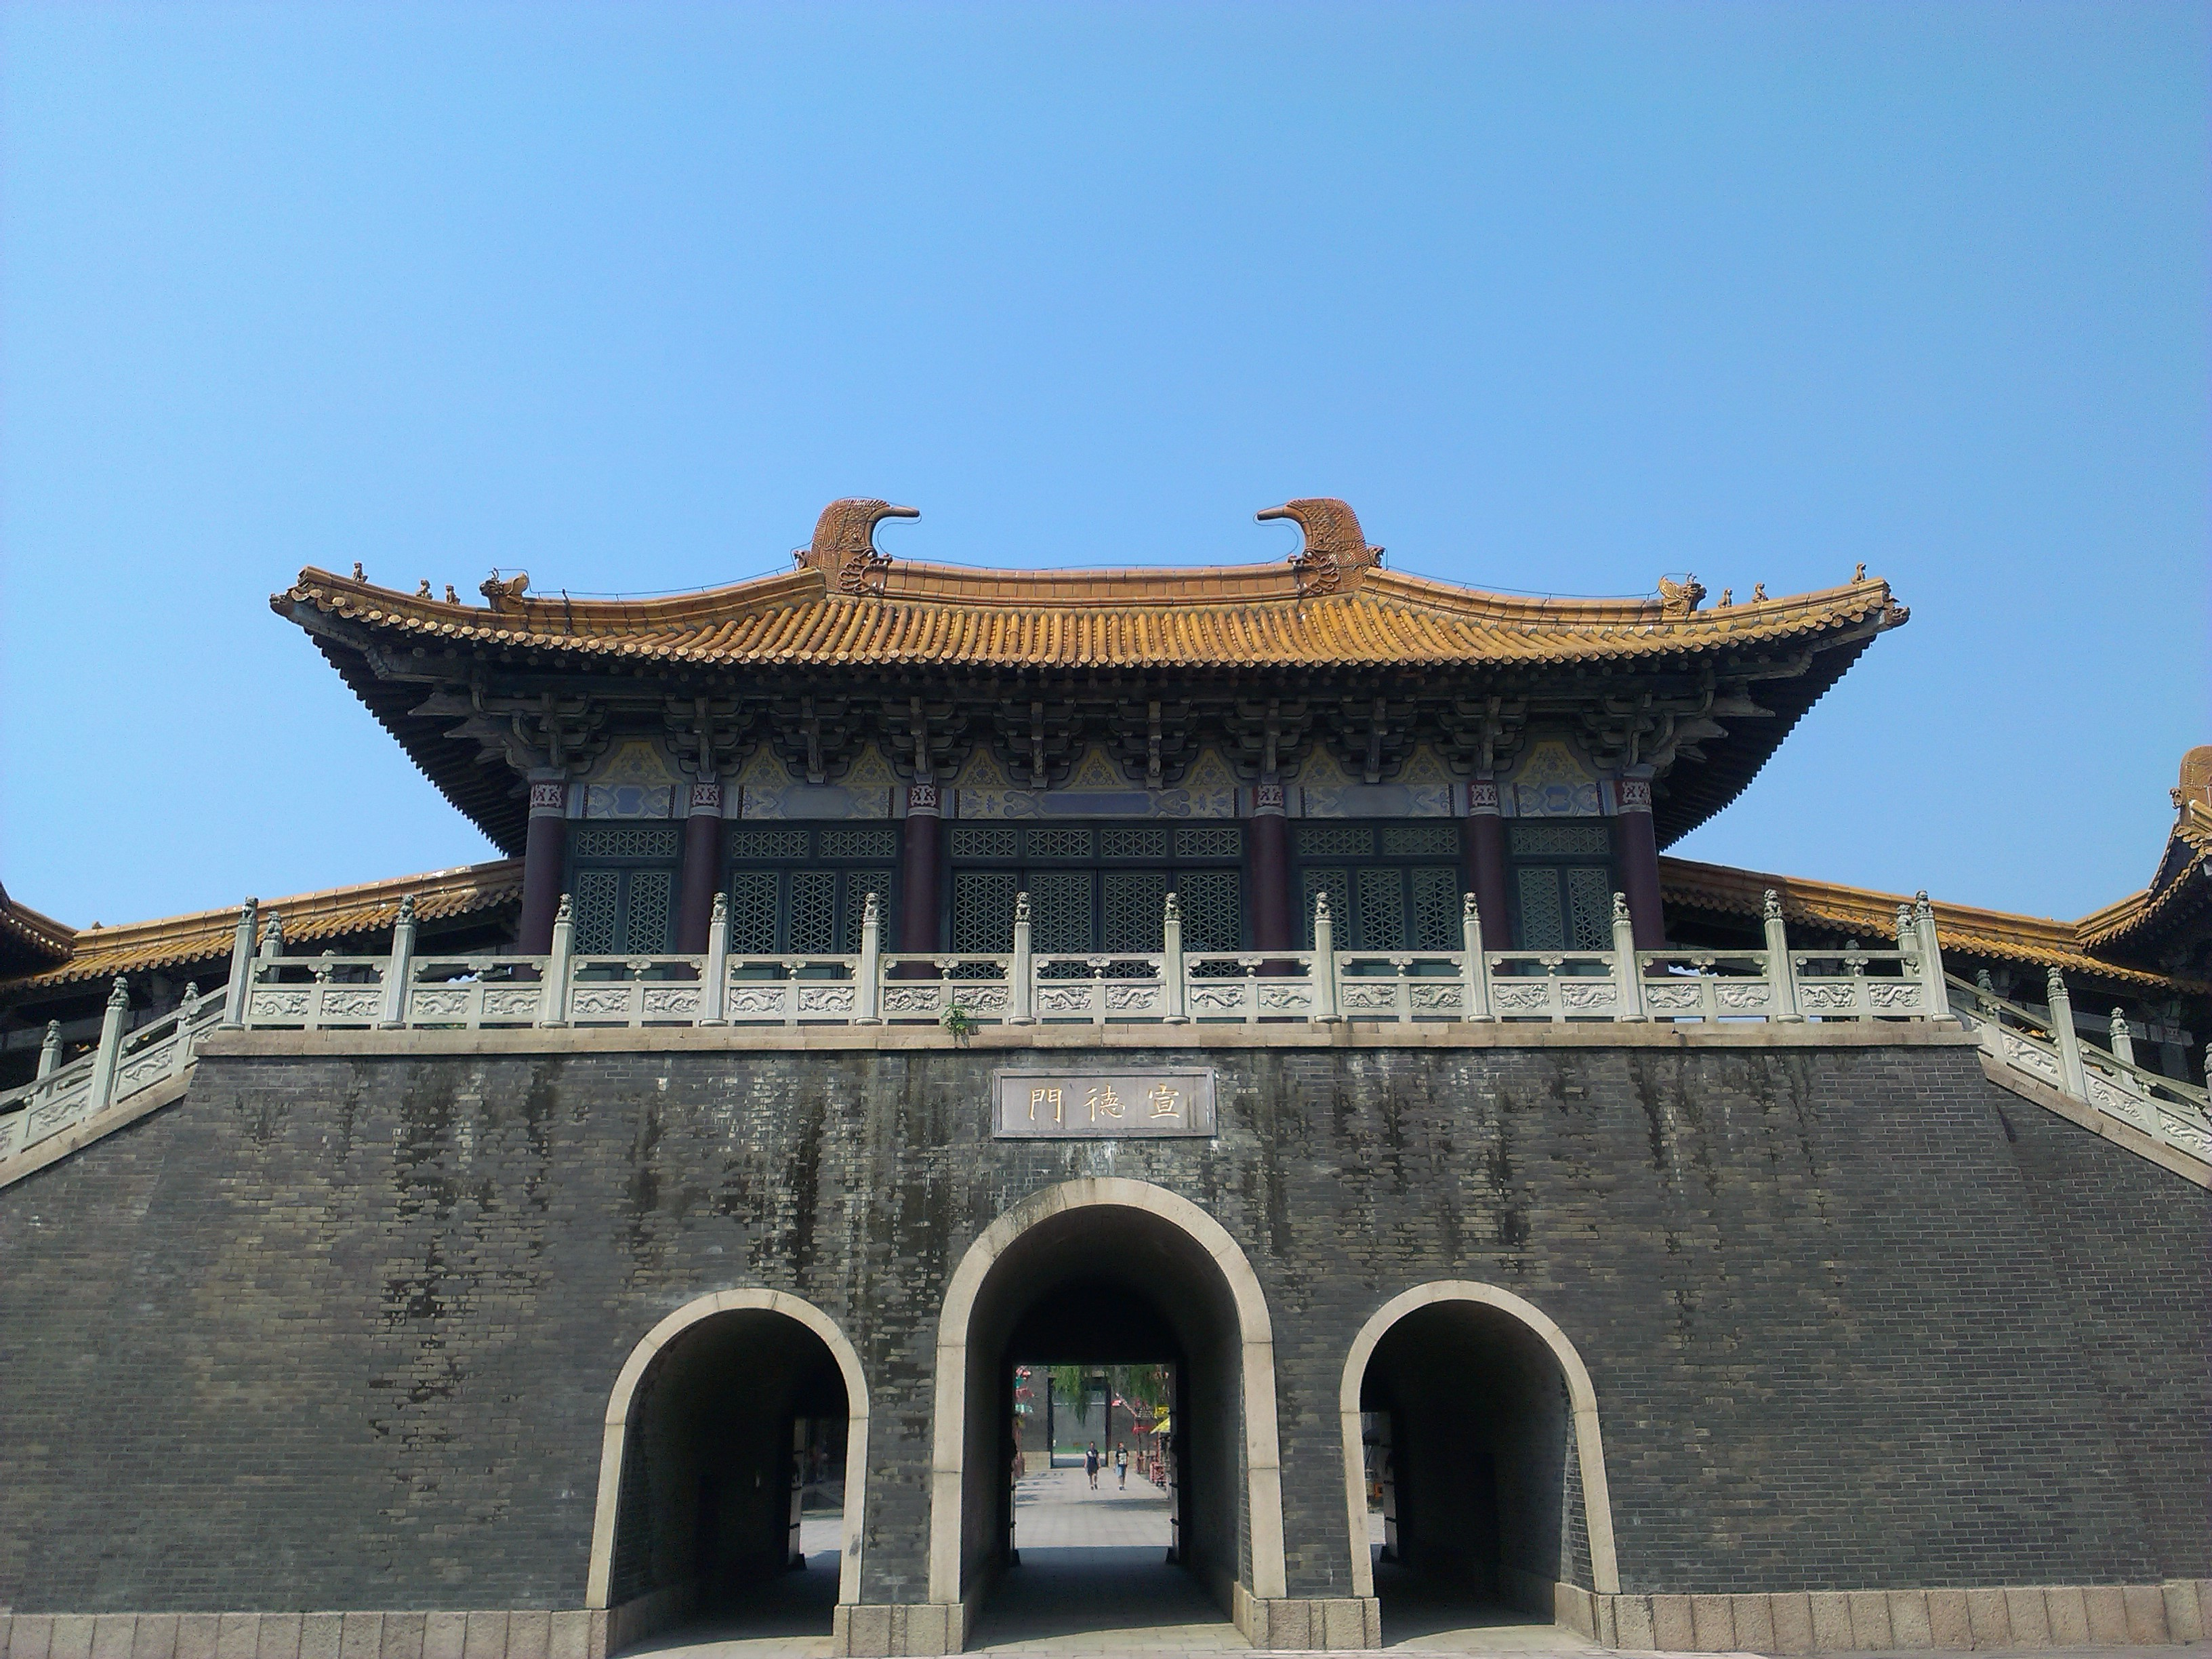 《烟雨江南 最美无锡》--央视影视基地三国城